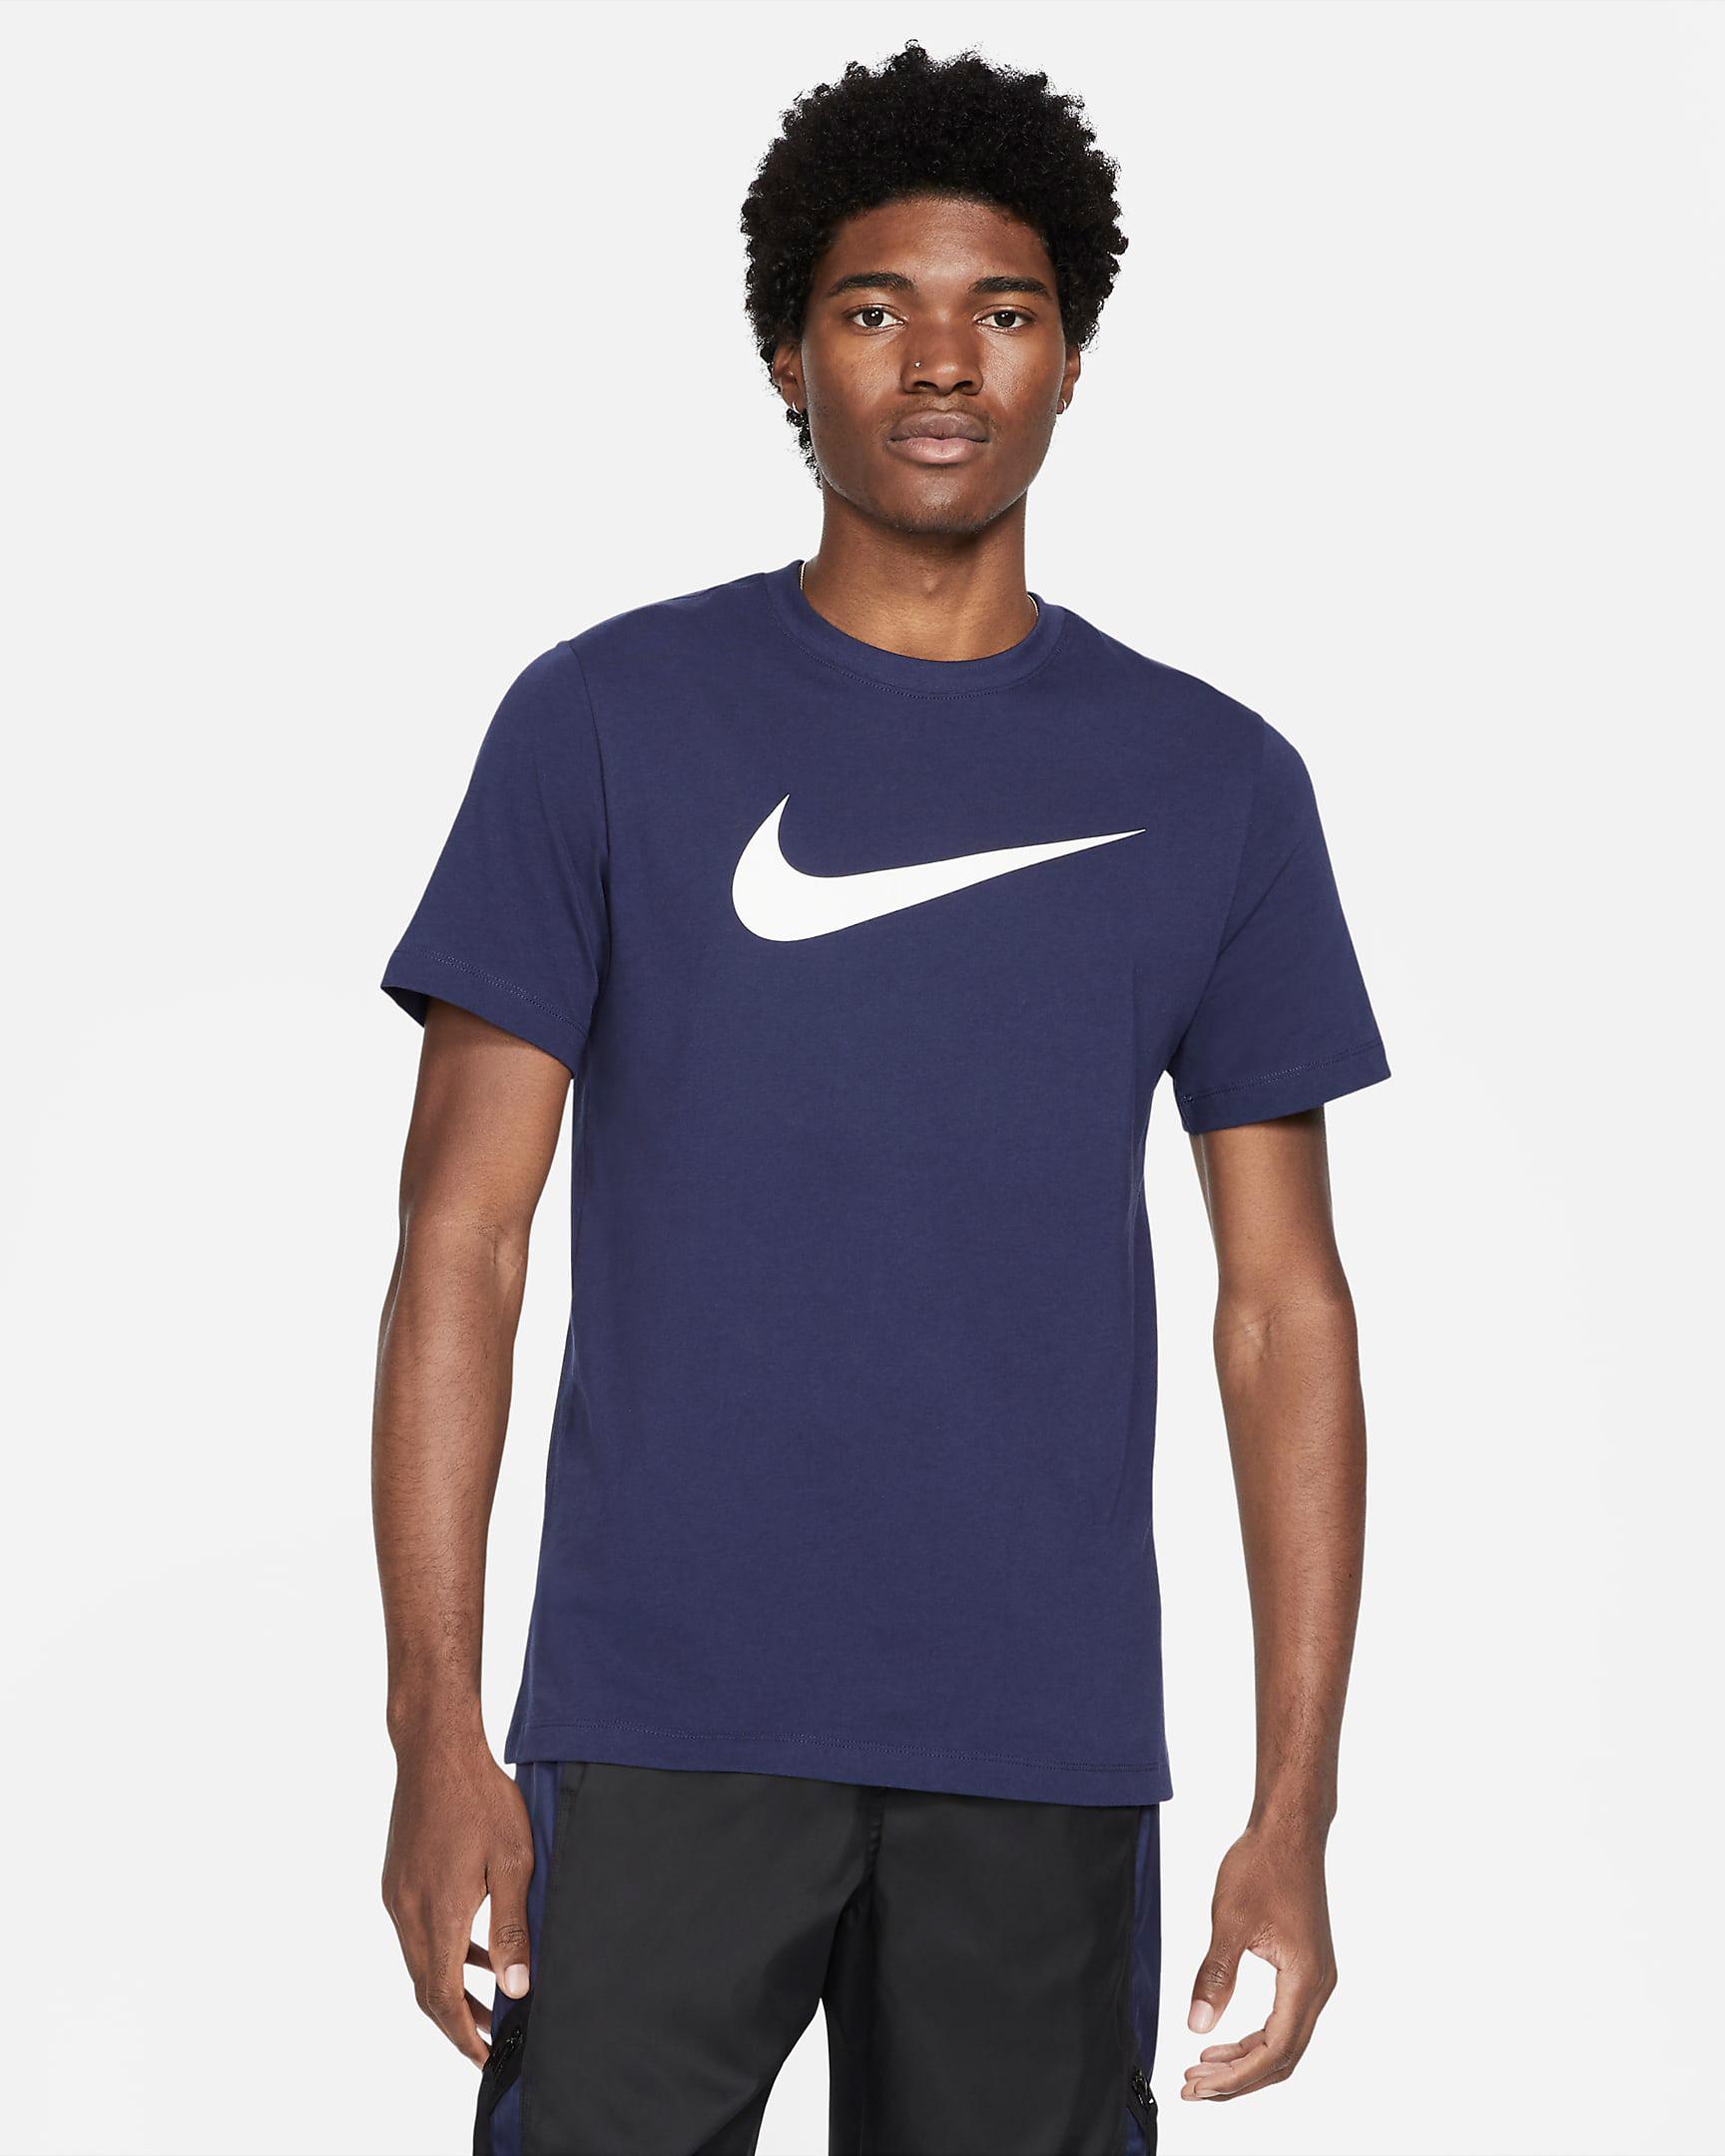 jordan-3-midnight-navy-nike-swoosh-shirt